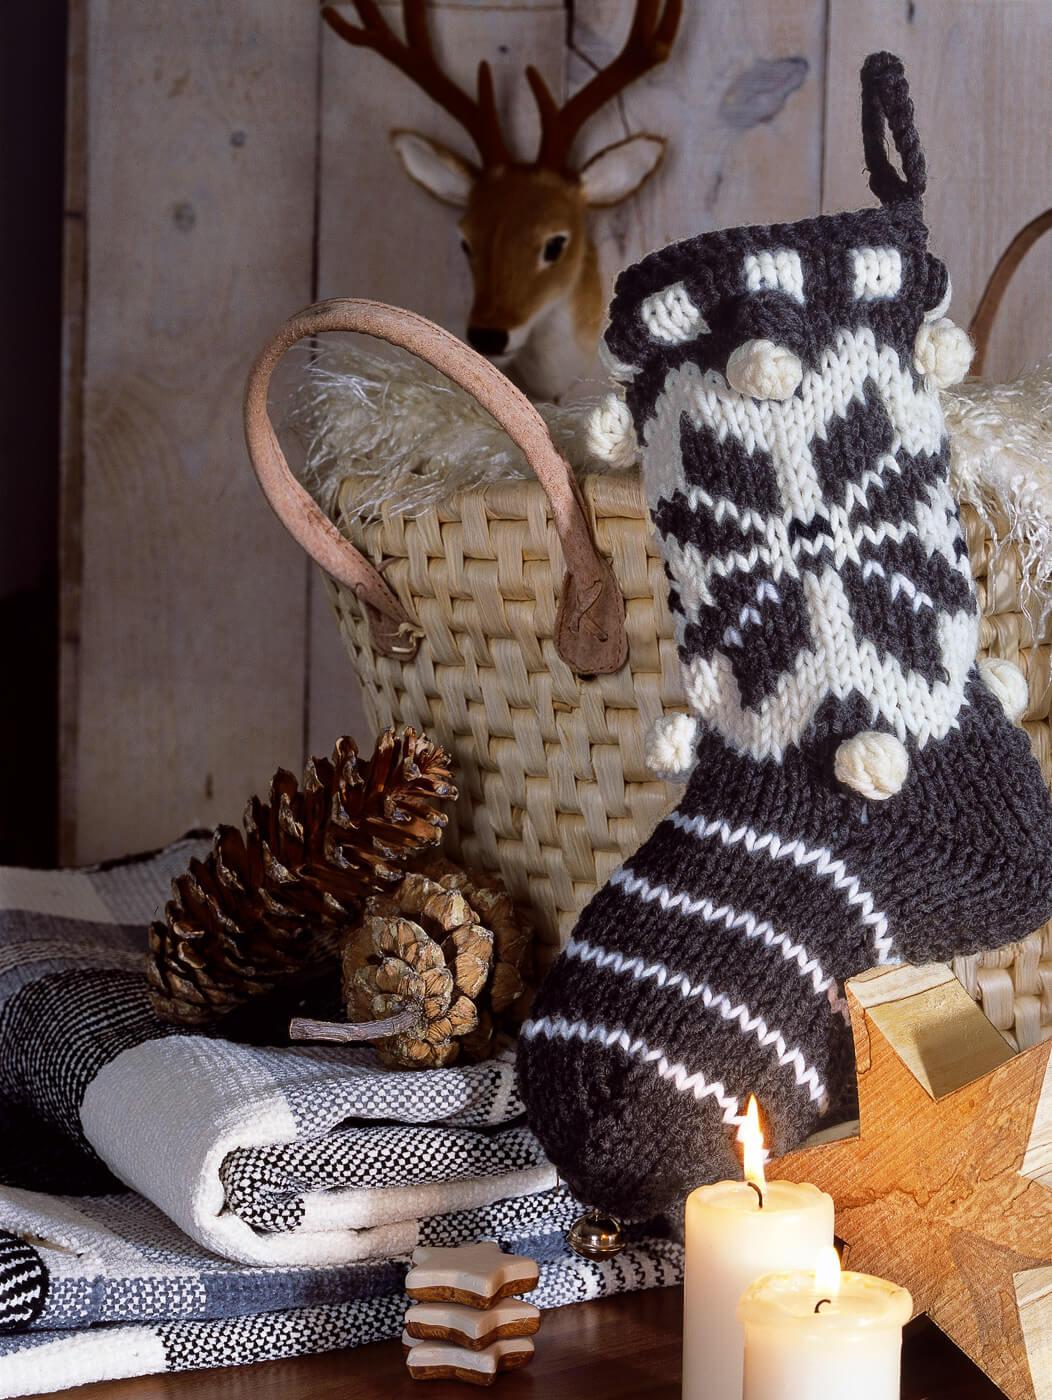 Weihnachts-Socken zur Dekoration